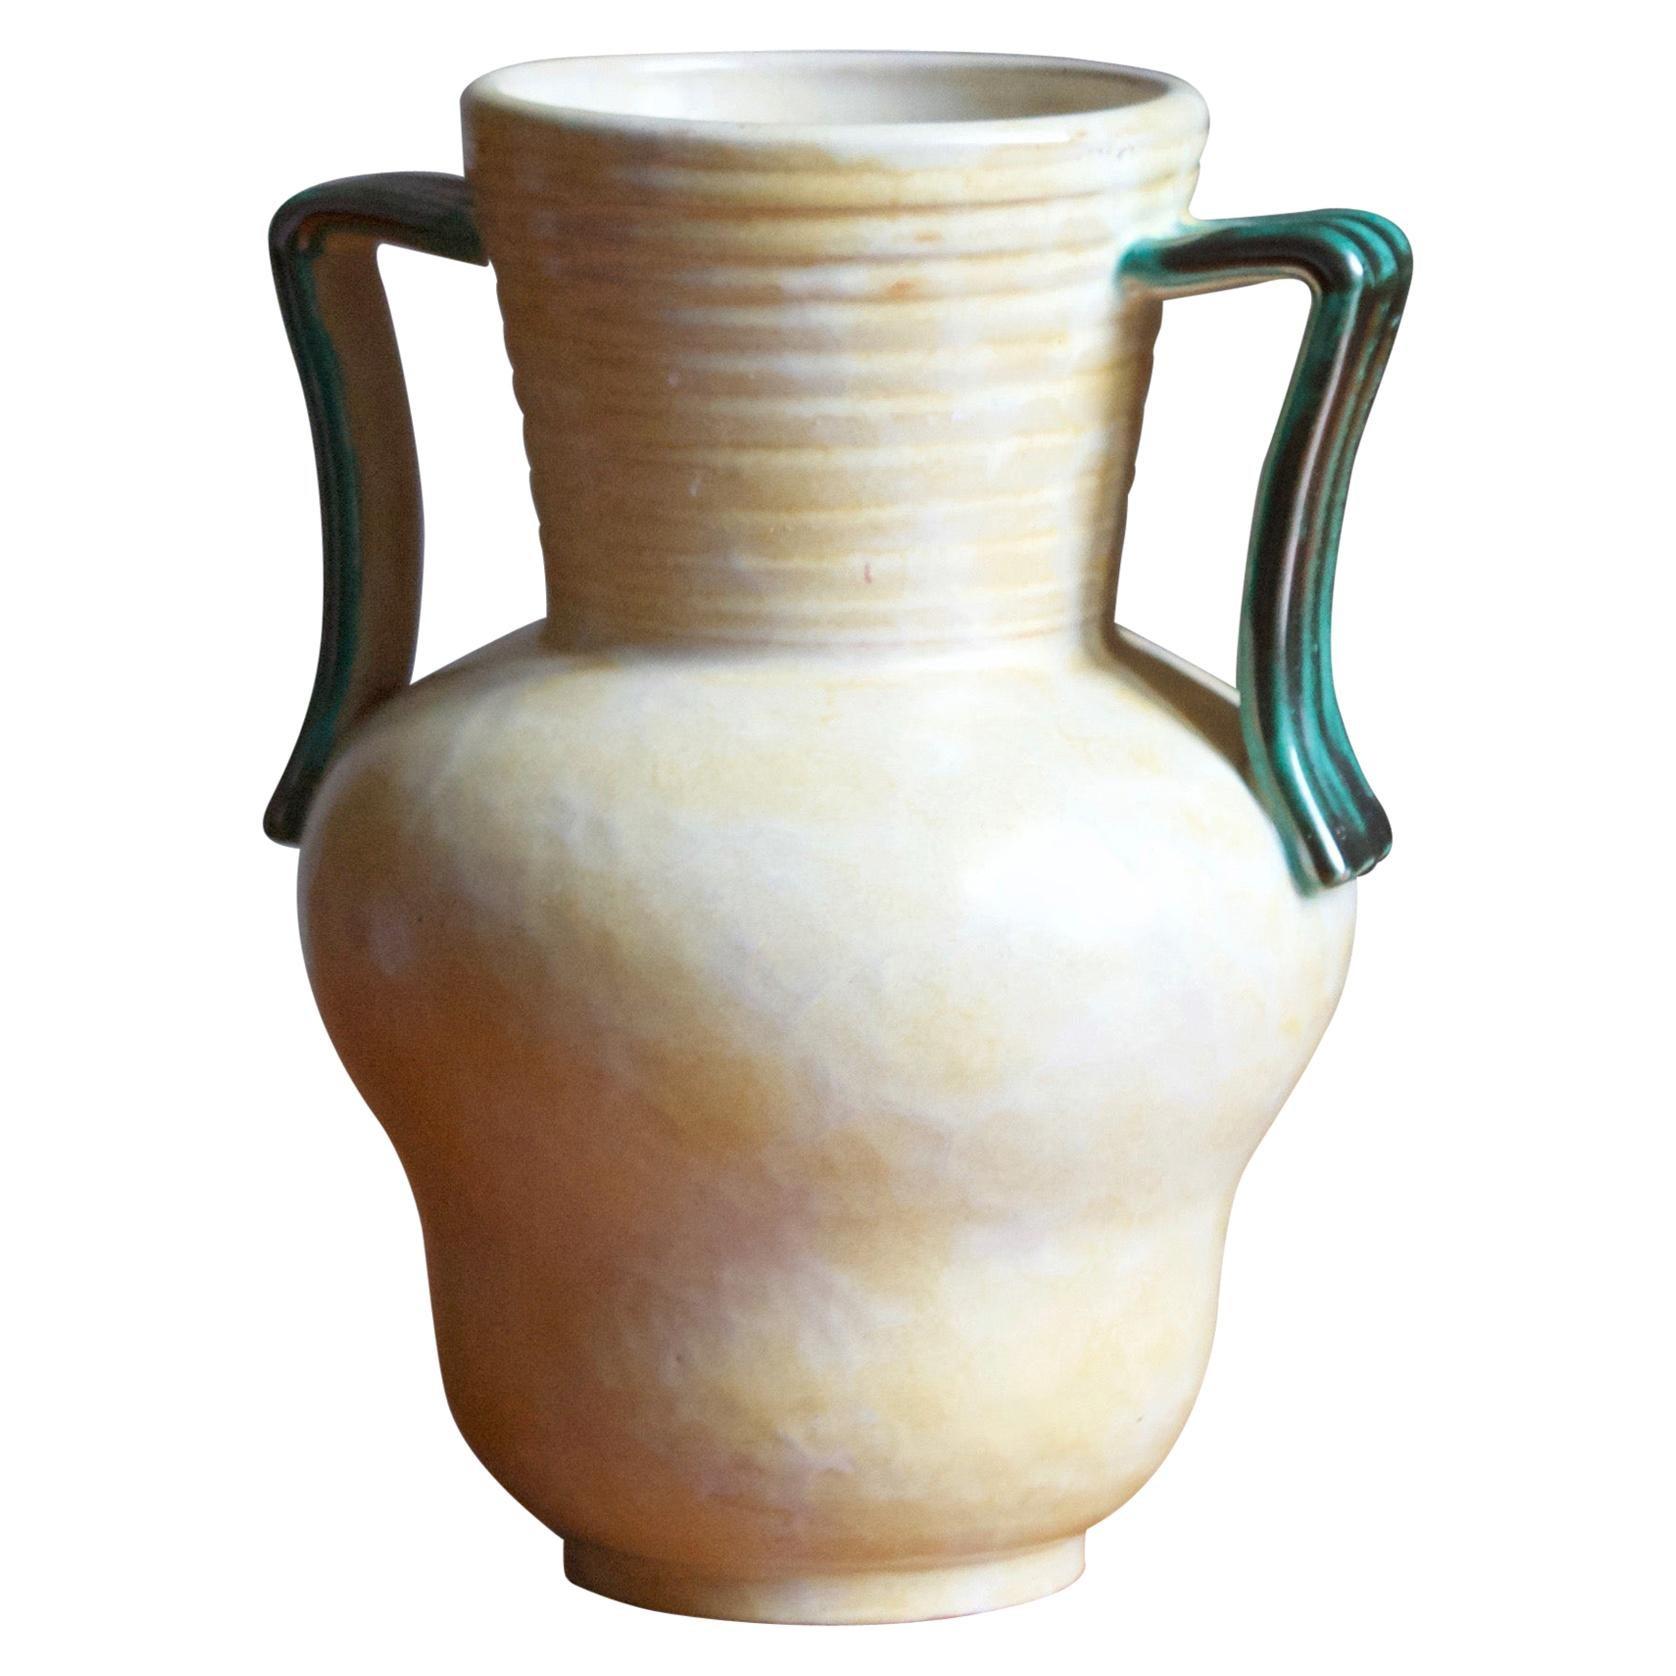 Upsala-Ekeby, Small Vase, Glazed Earthenware, Sweden, 1930s